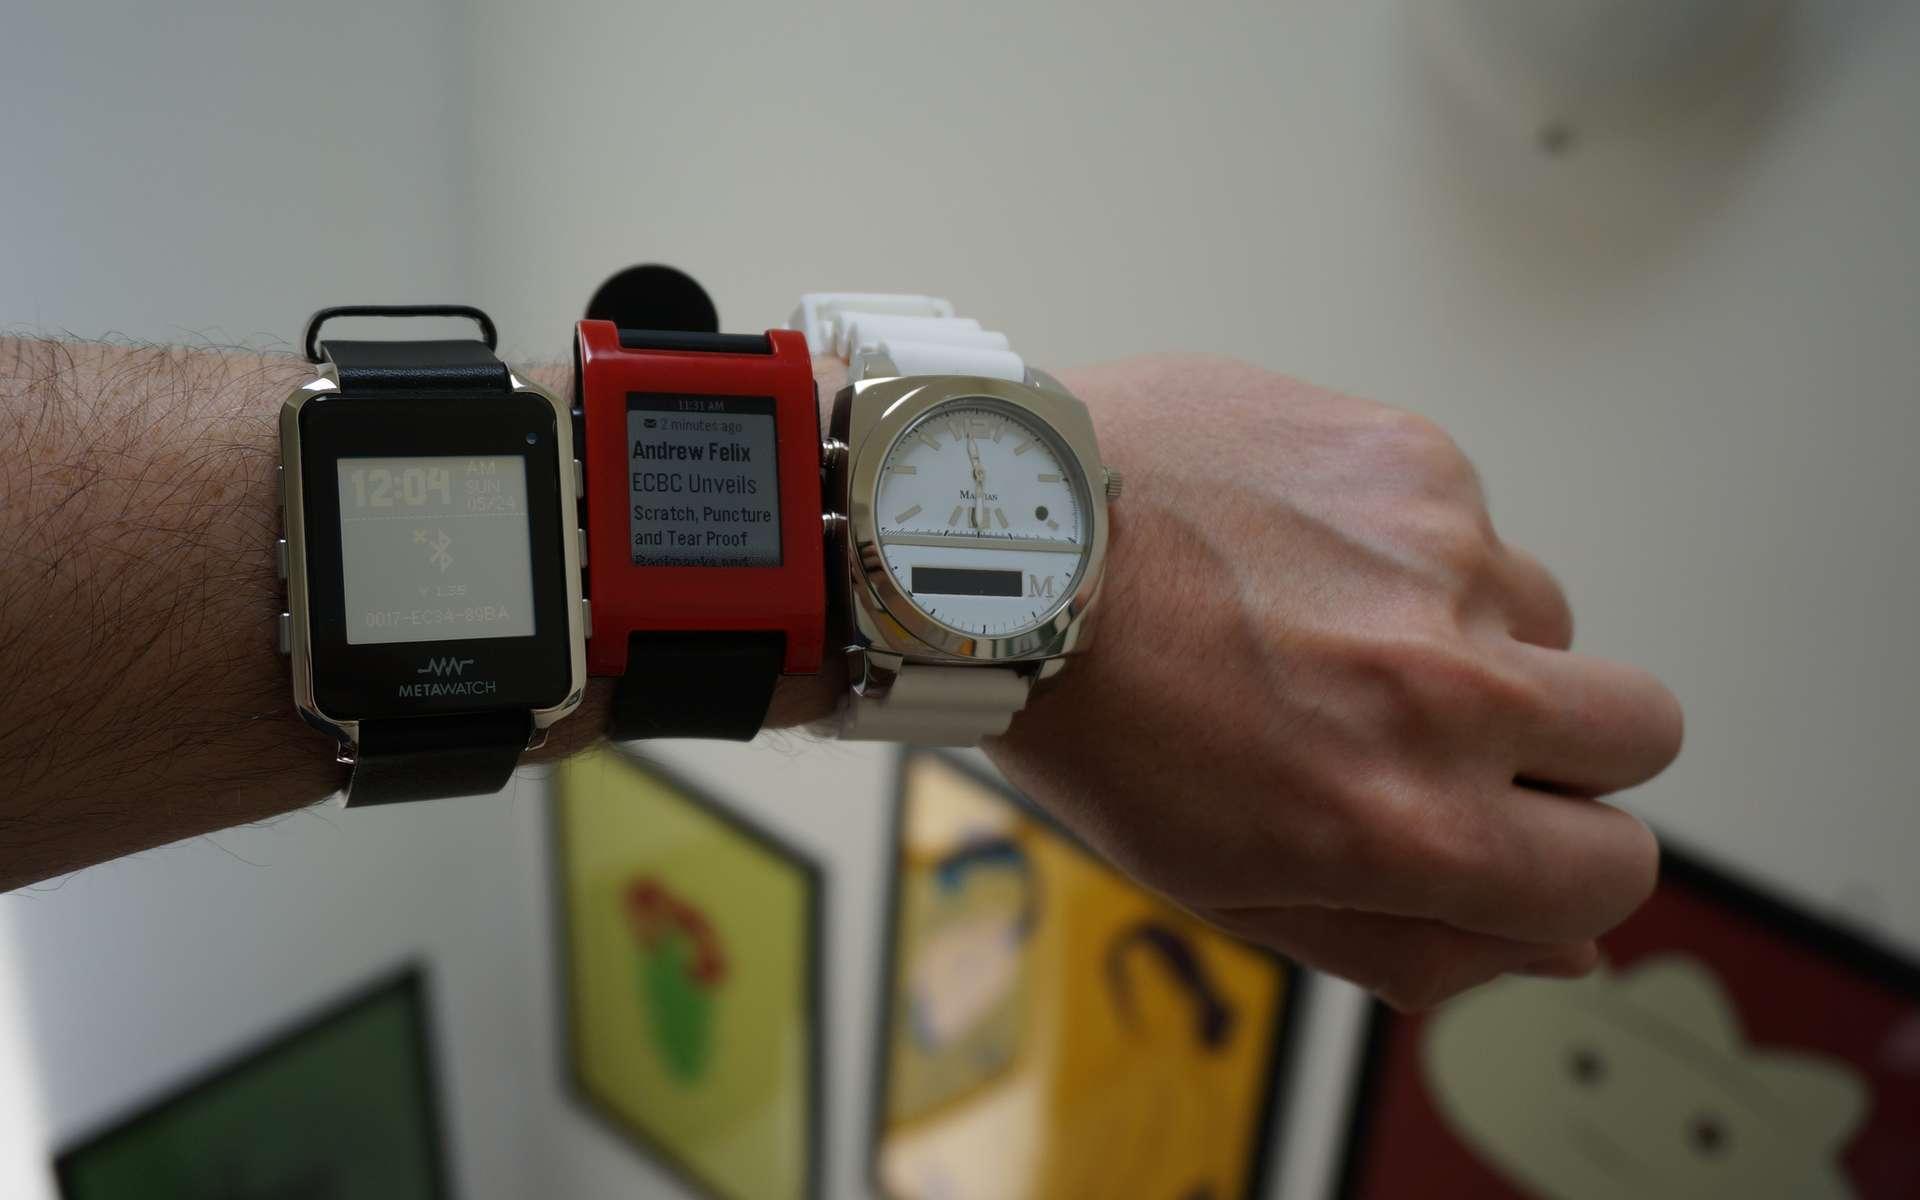 Alors que les montres connectées commencent à gagner en popularité, Hewlett-Packard a évalué le niveau de sécurité de ces gadgets qui concentrent beaucoup de données personnelles sensibles. Le bilan est plutôt inquiétant. © Adam Dachis, Flickr, CC BY 2.0